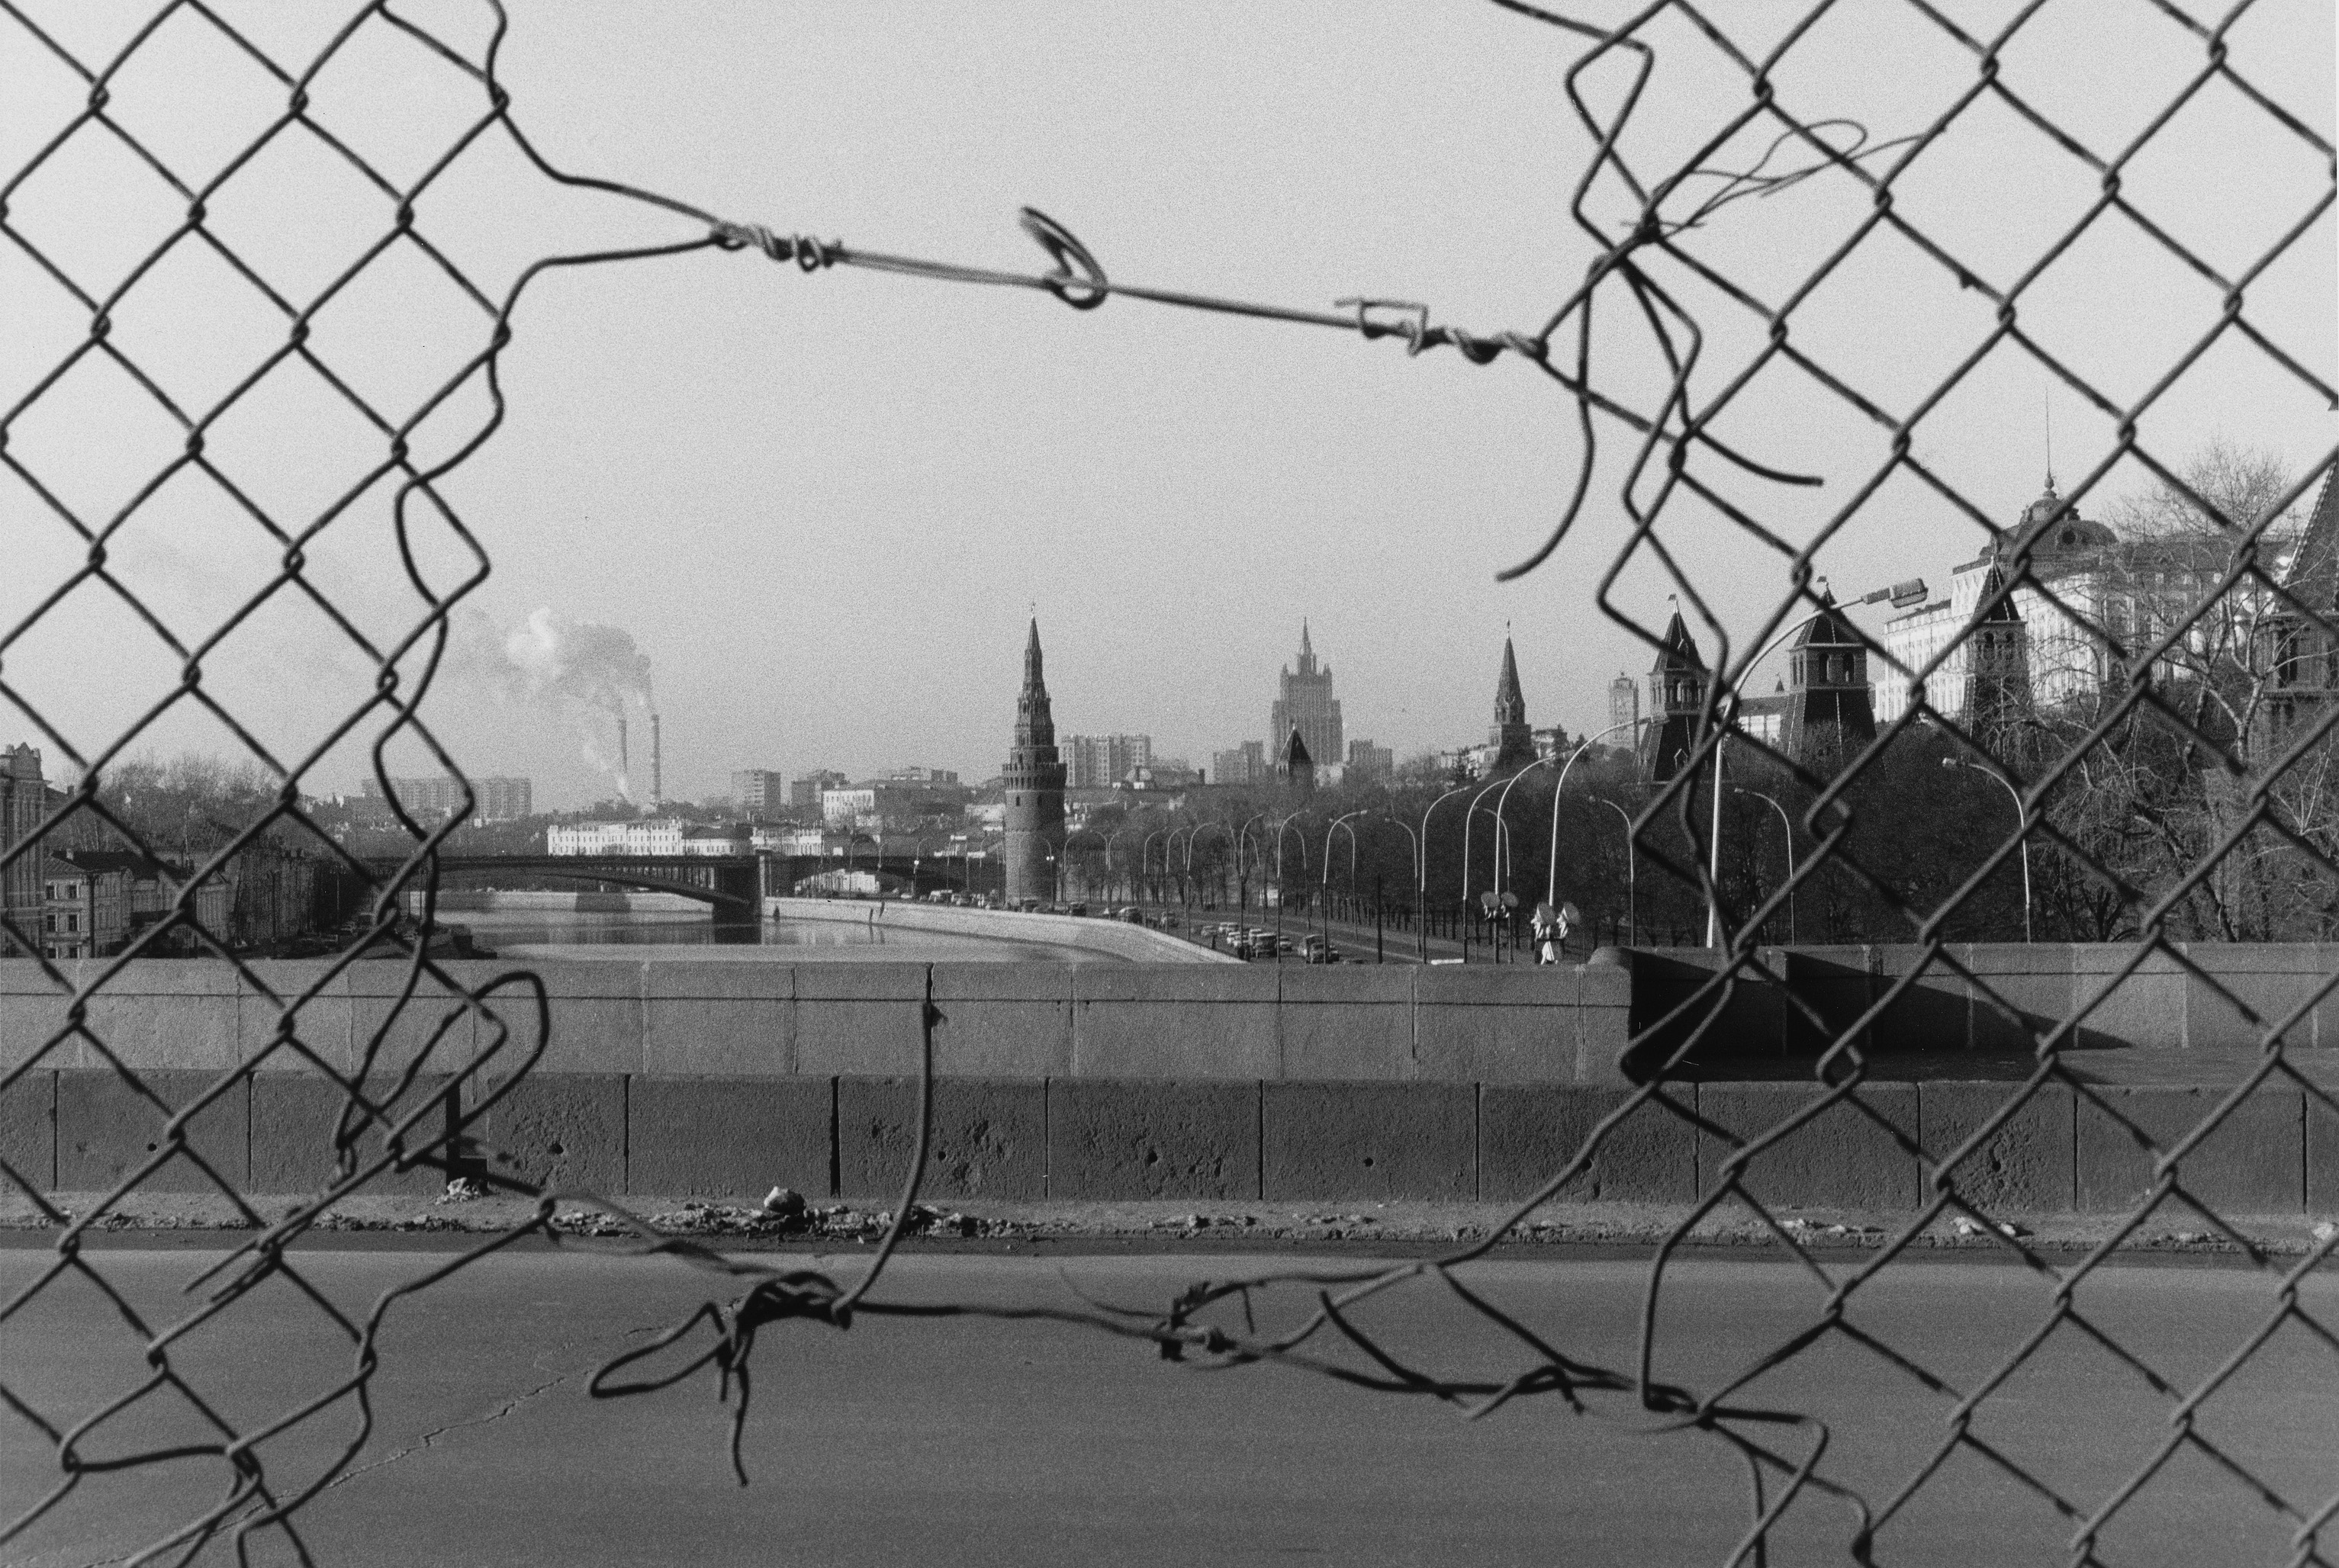 Игорь Мухин. Москва, 1992. Авторизованный серебряно-желатиновый отпечаток.